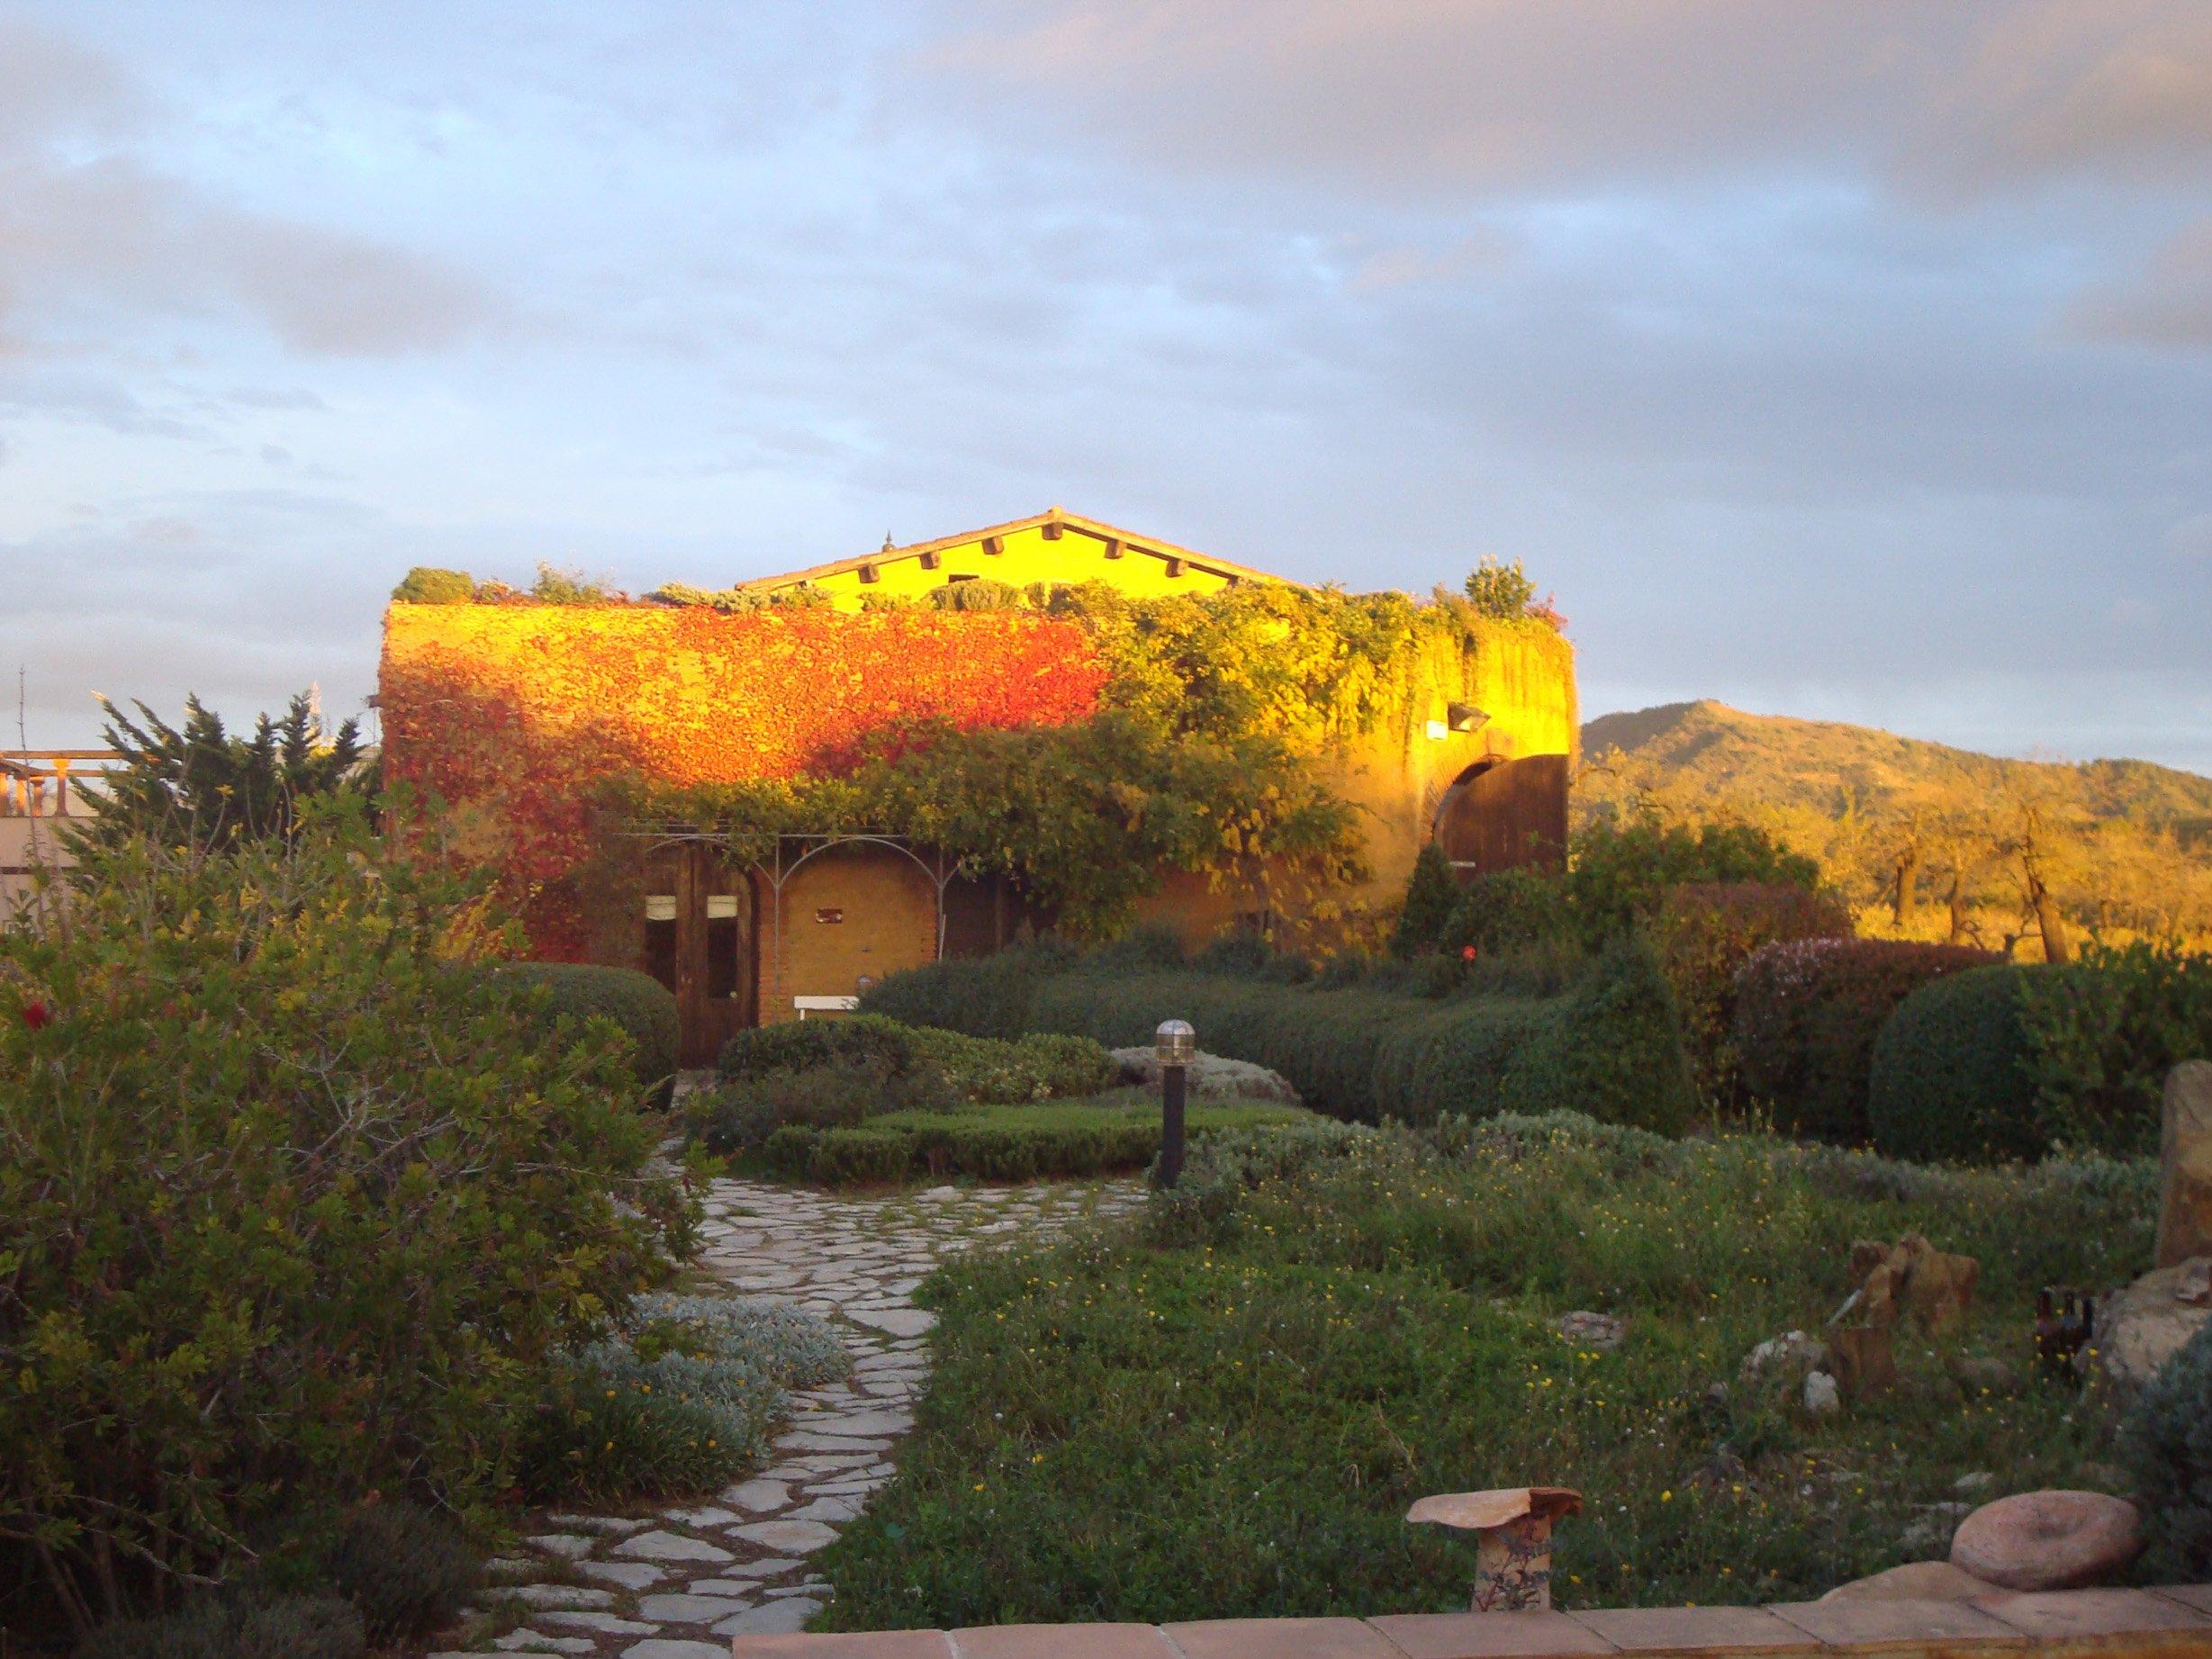 Clos Mogador winery, Priorat. Image by Clos Mogador